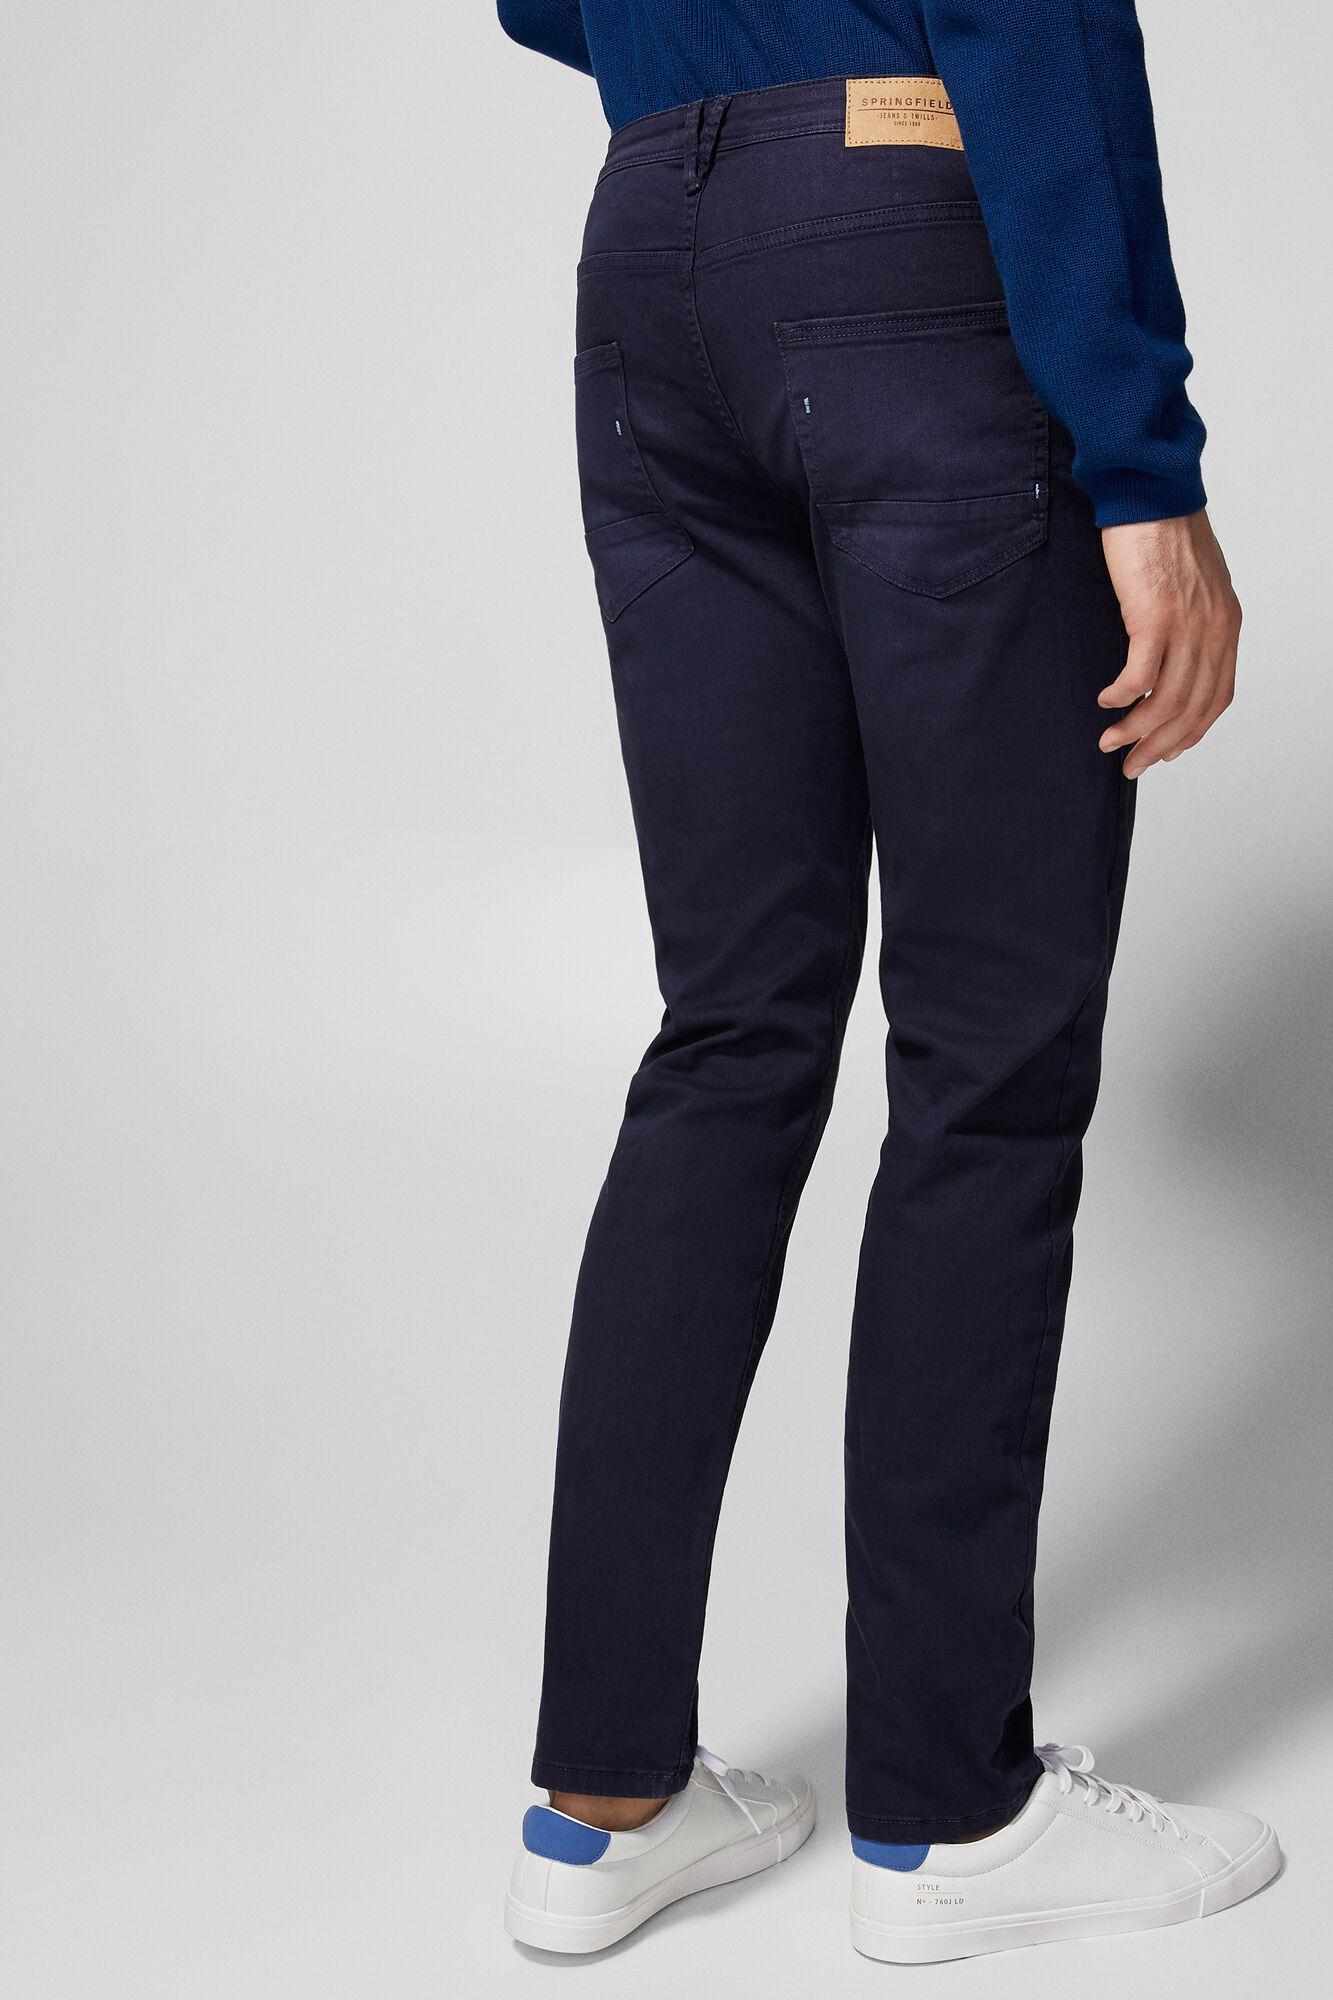 Springfield Pantalón 5 bolsillos slim azul 1c4f5e3ae8a9